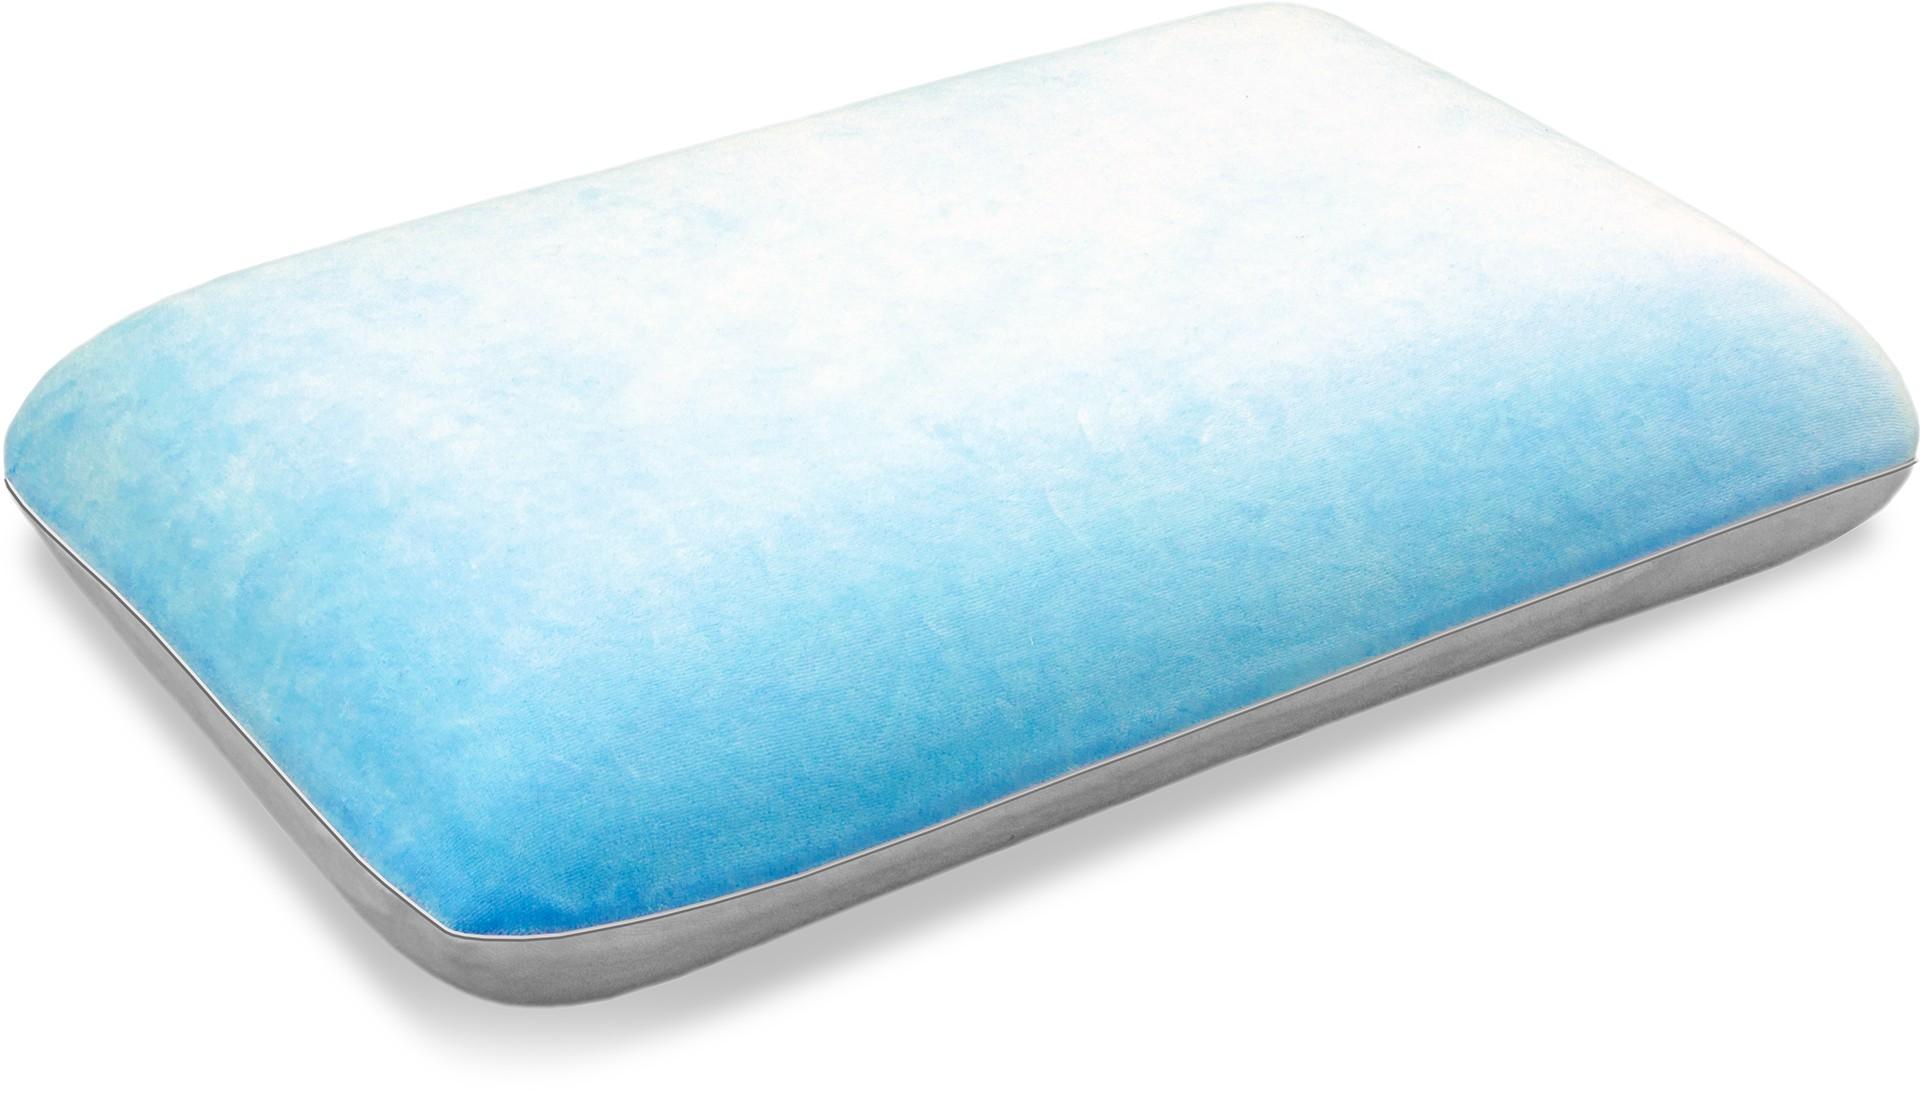 Подушки Revery Подушка Для Него Цвет: Голубой, Серый (60х39х14) подушки revery подушка be healthy